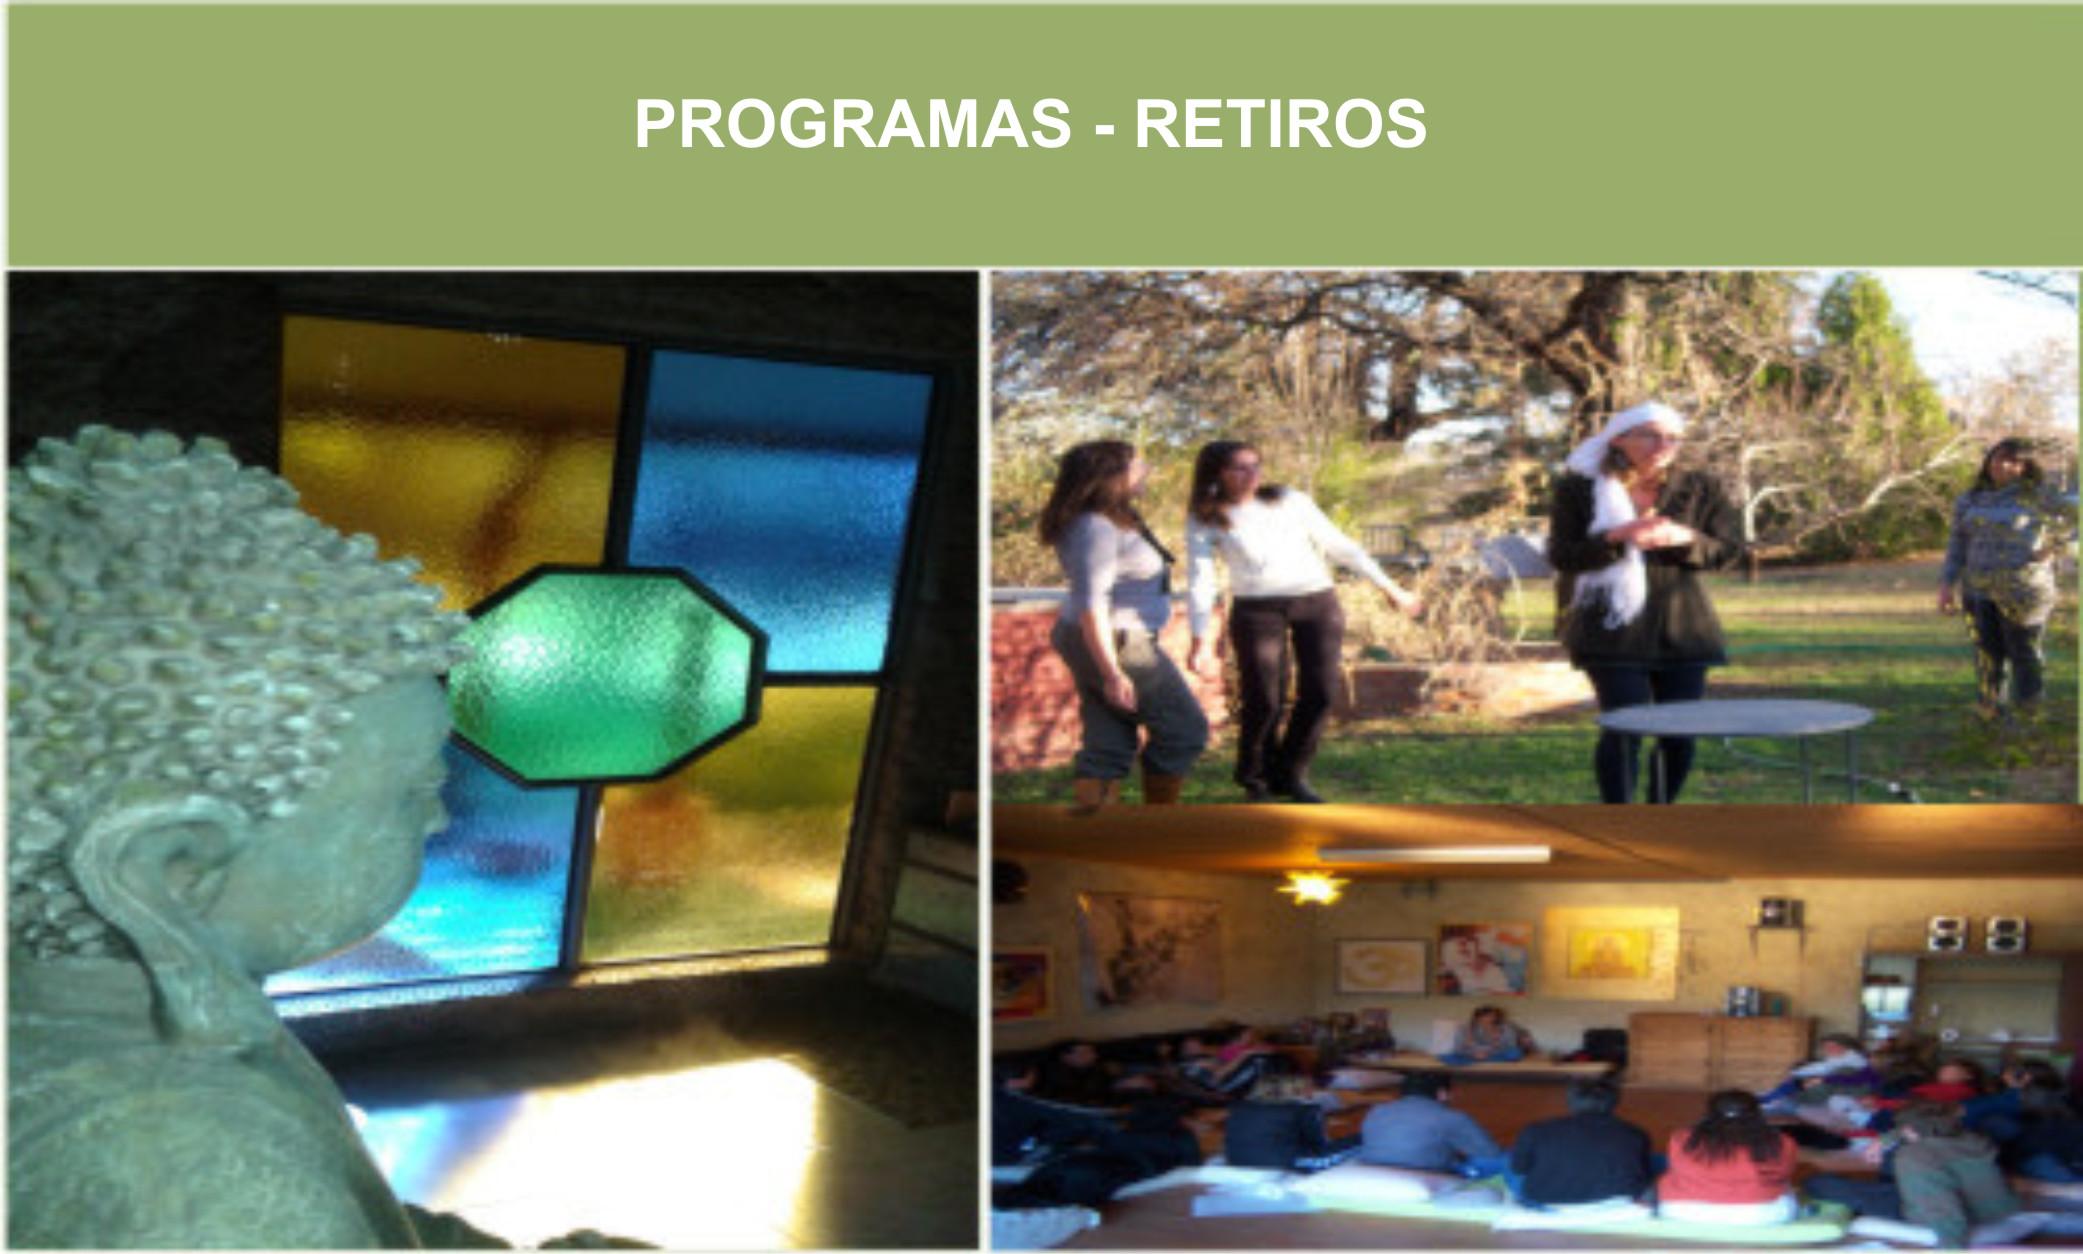 Programas y Tratamientos